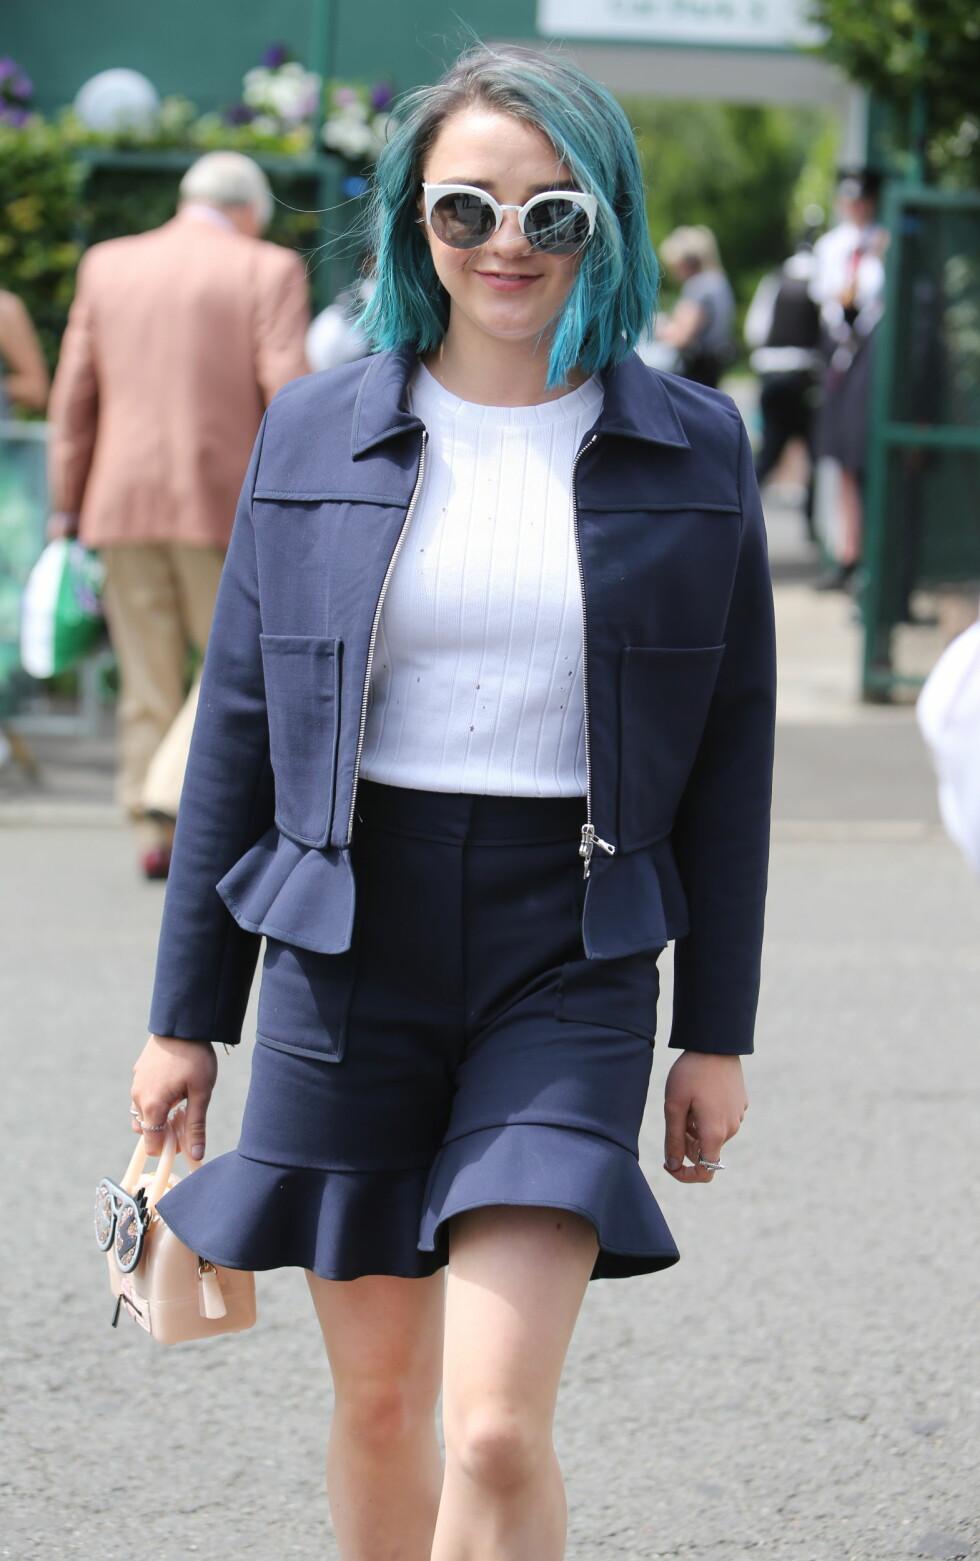 Lille Arya er ikke så liten i virkeligheten. Maisie Williams, som spiller rollen, har gjennomgått et ekstremt utseendeskifte den siste tiden. Foto: wenn.com